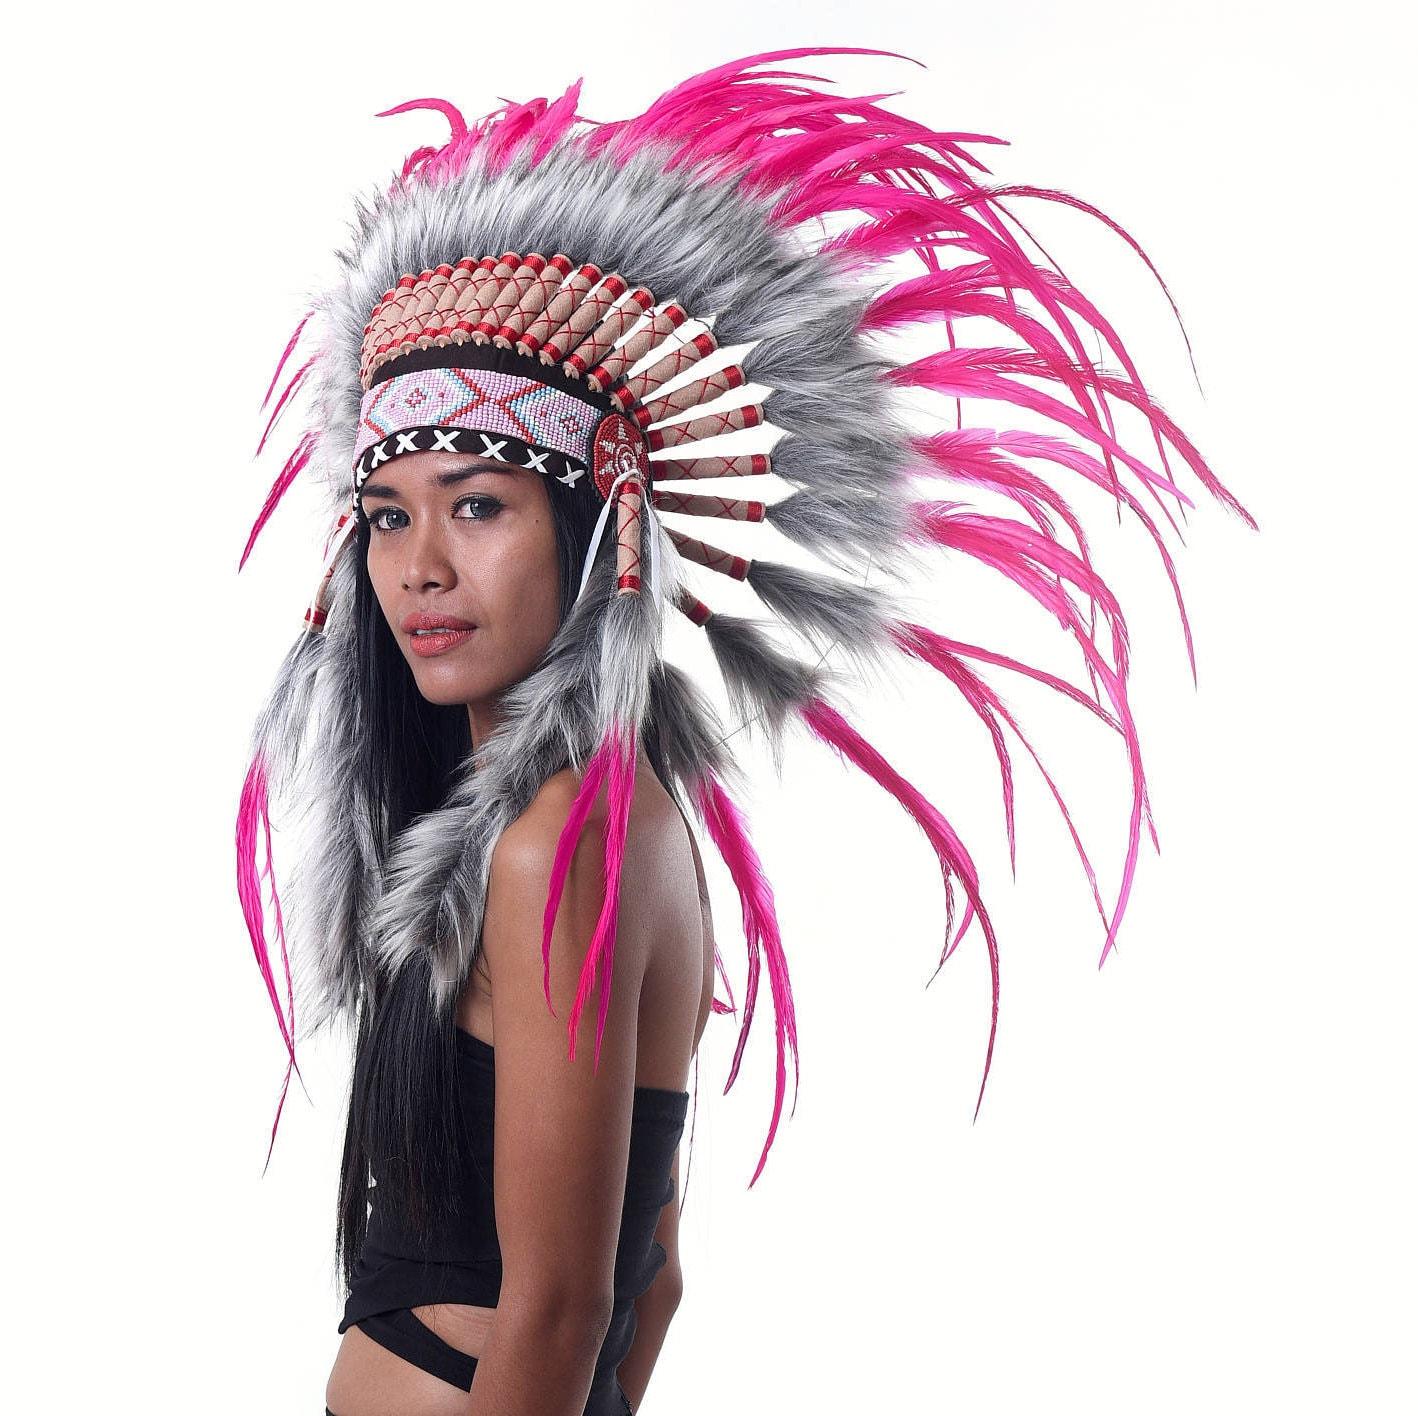 penacho de plumas rosa estilo indio corto tocado jefe indio